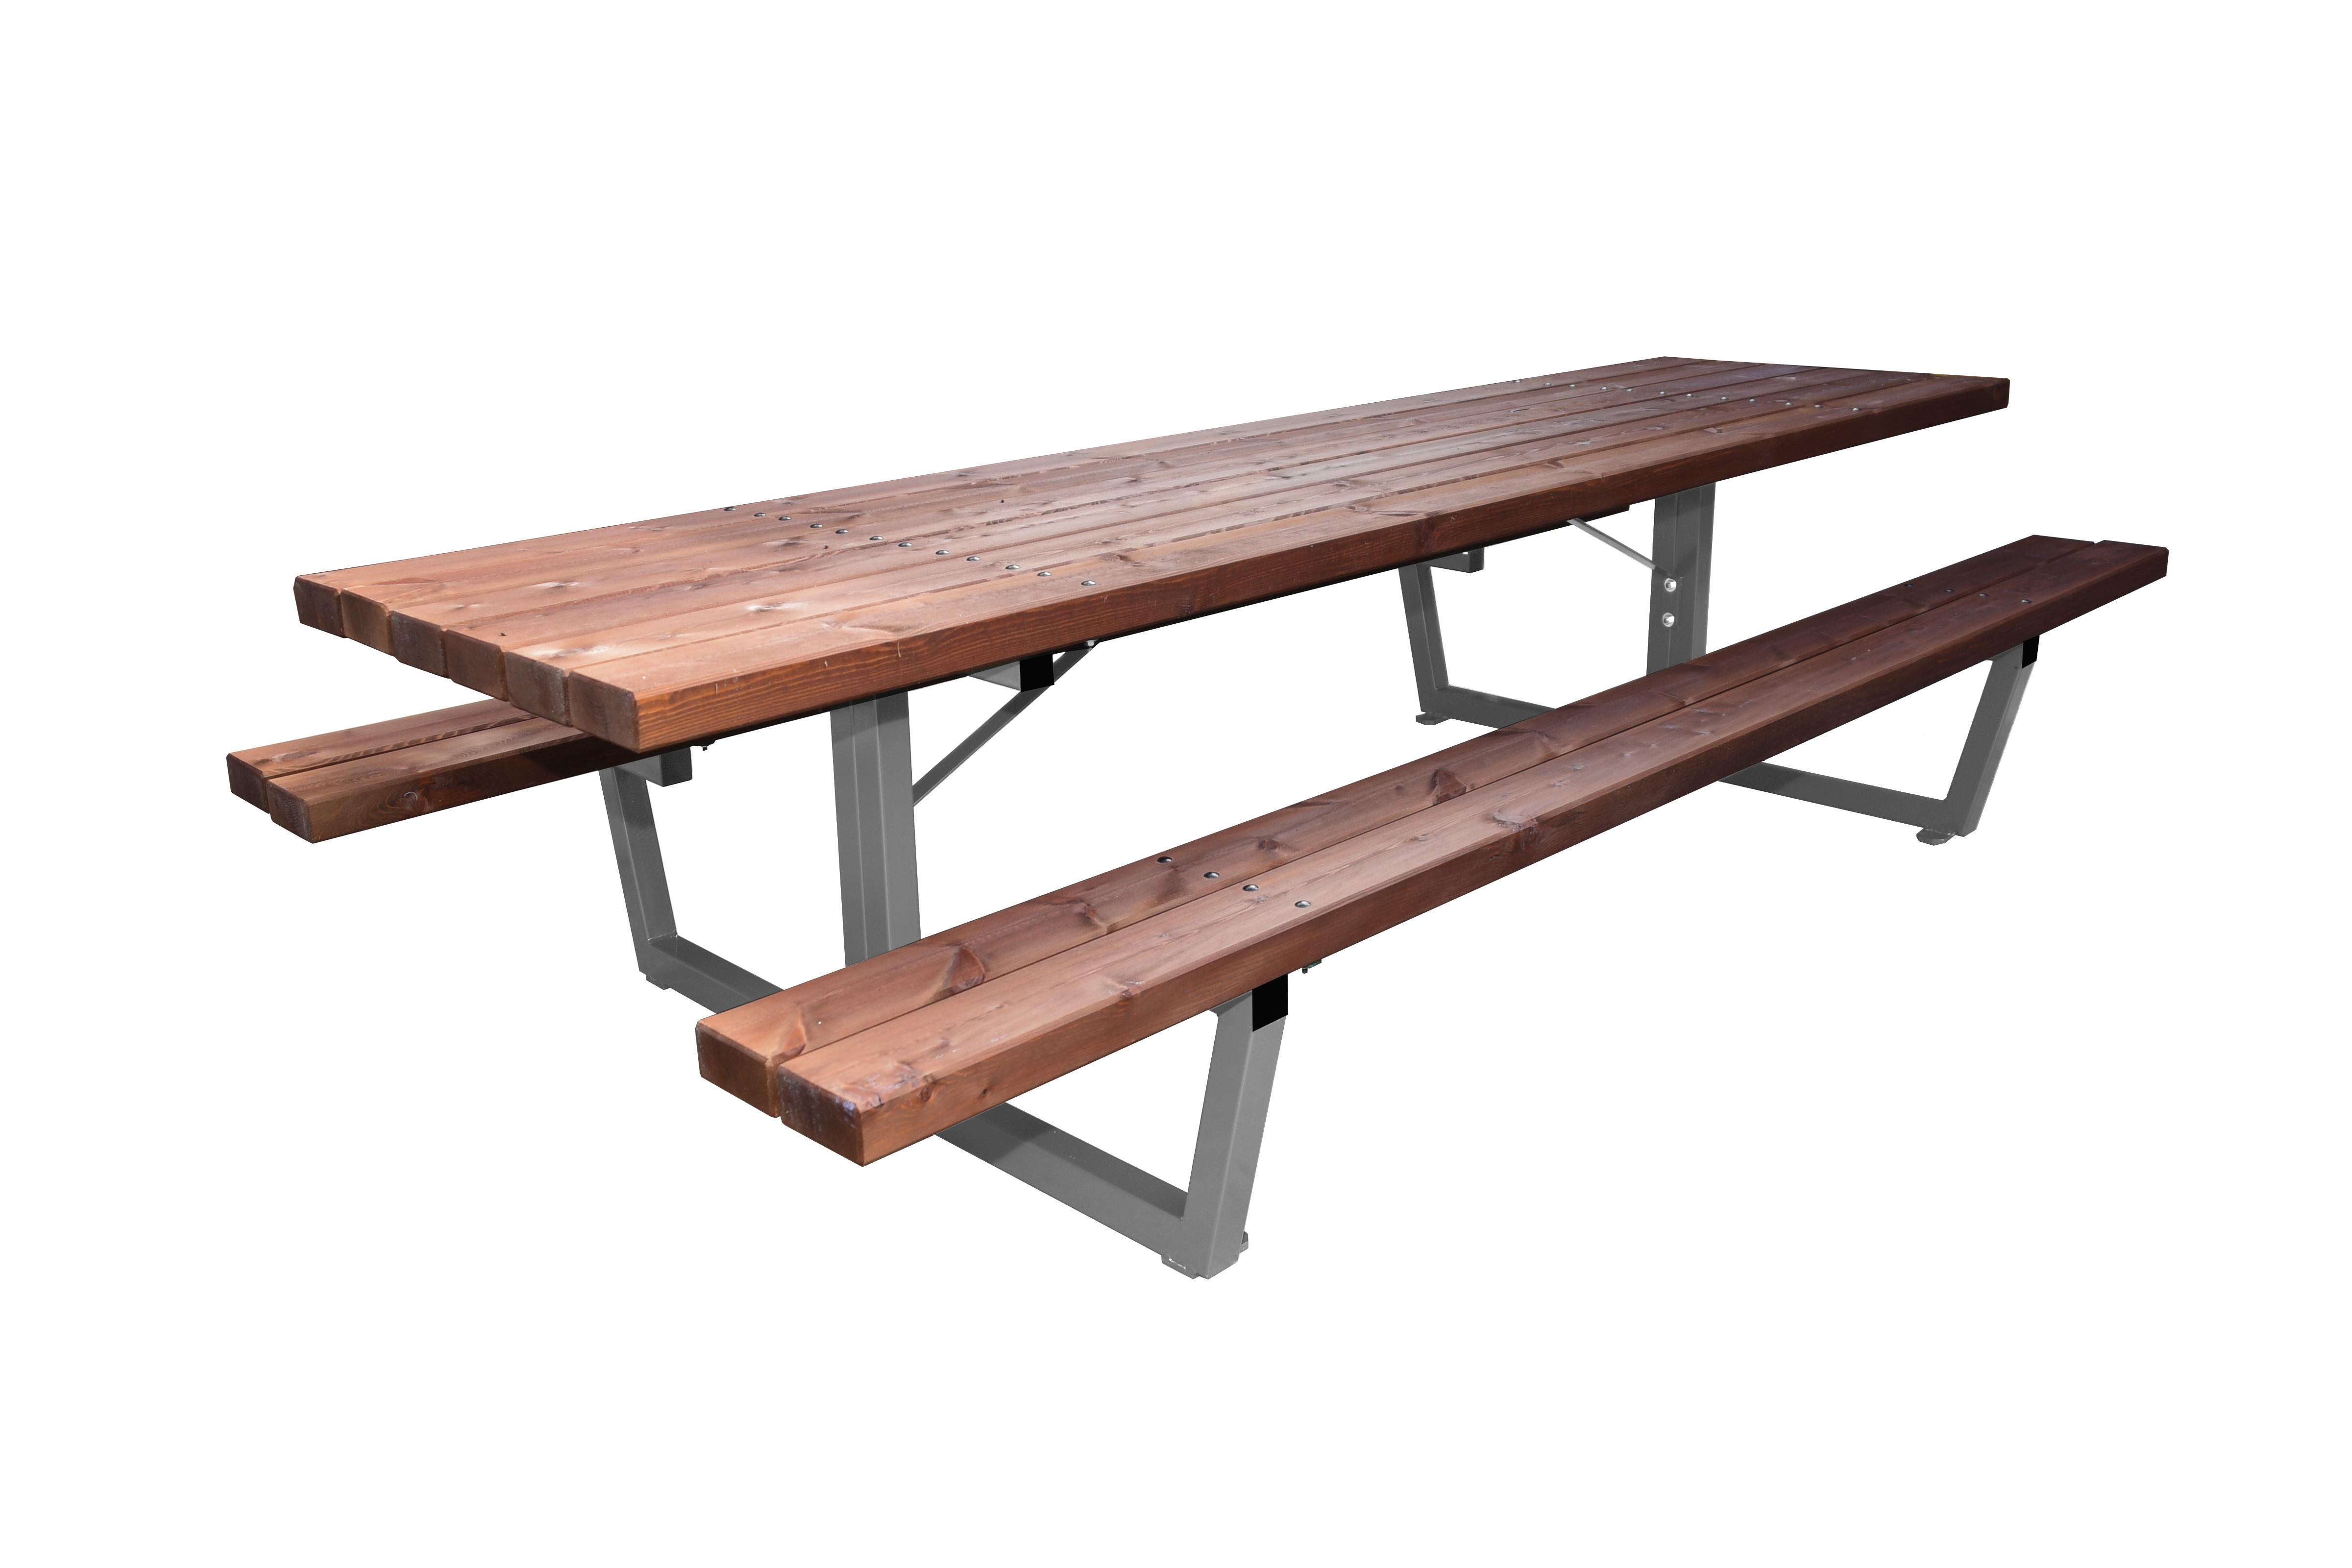 Mesas de exterior de madera silla plegable applaro mesa - Mesas madera exterior ...